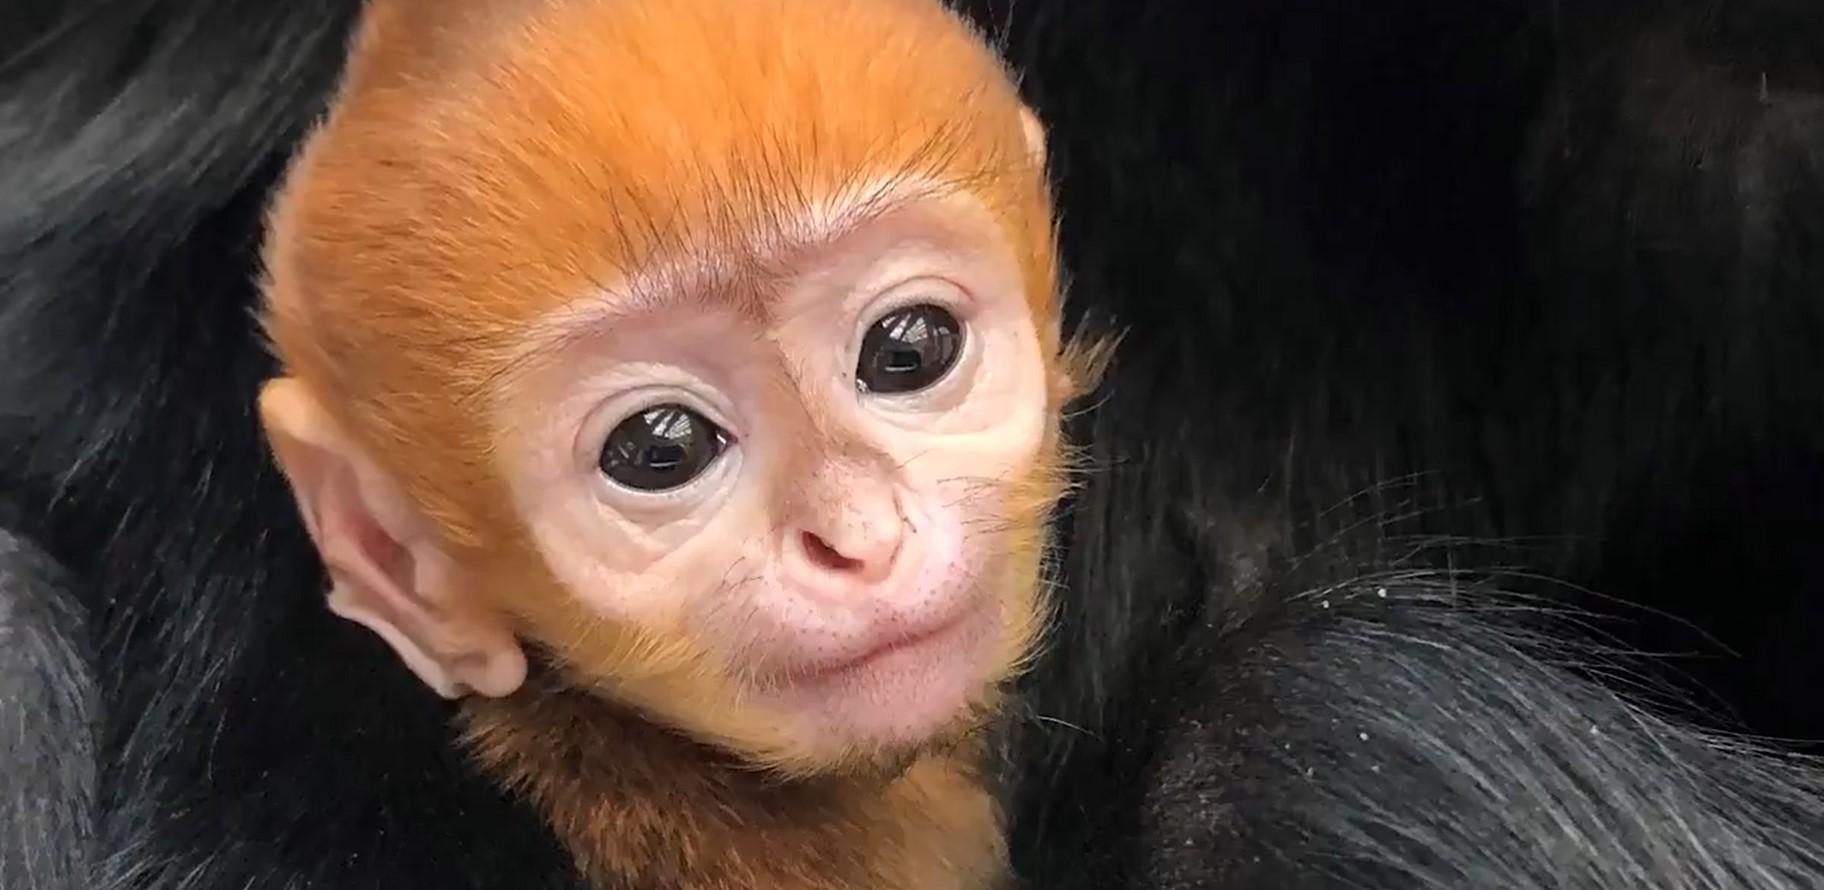 Детеныш редкого вида лиственных обезьян впервые родился в зоопарке Филадельфии (видео)